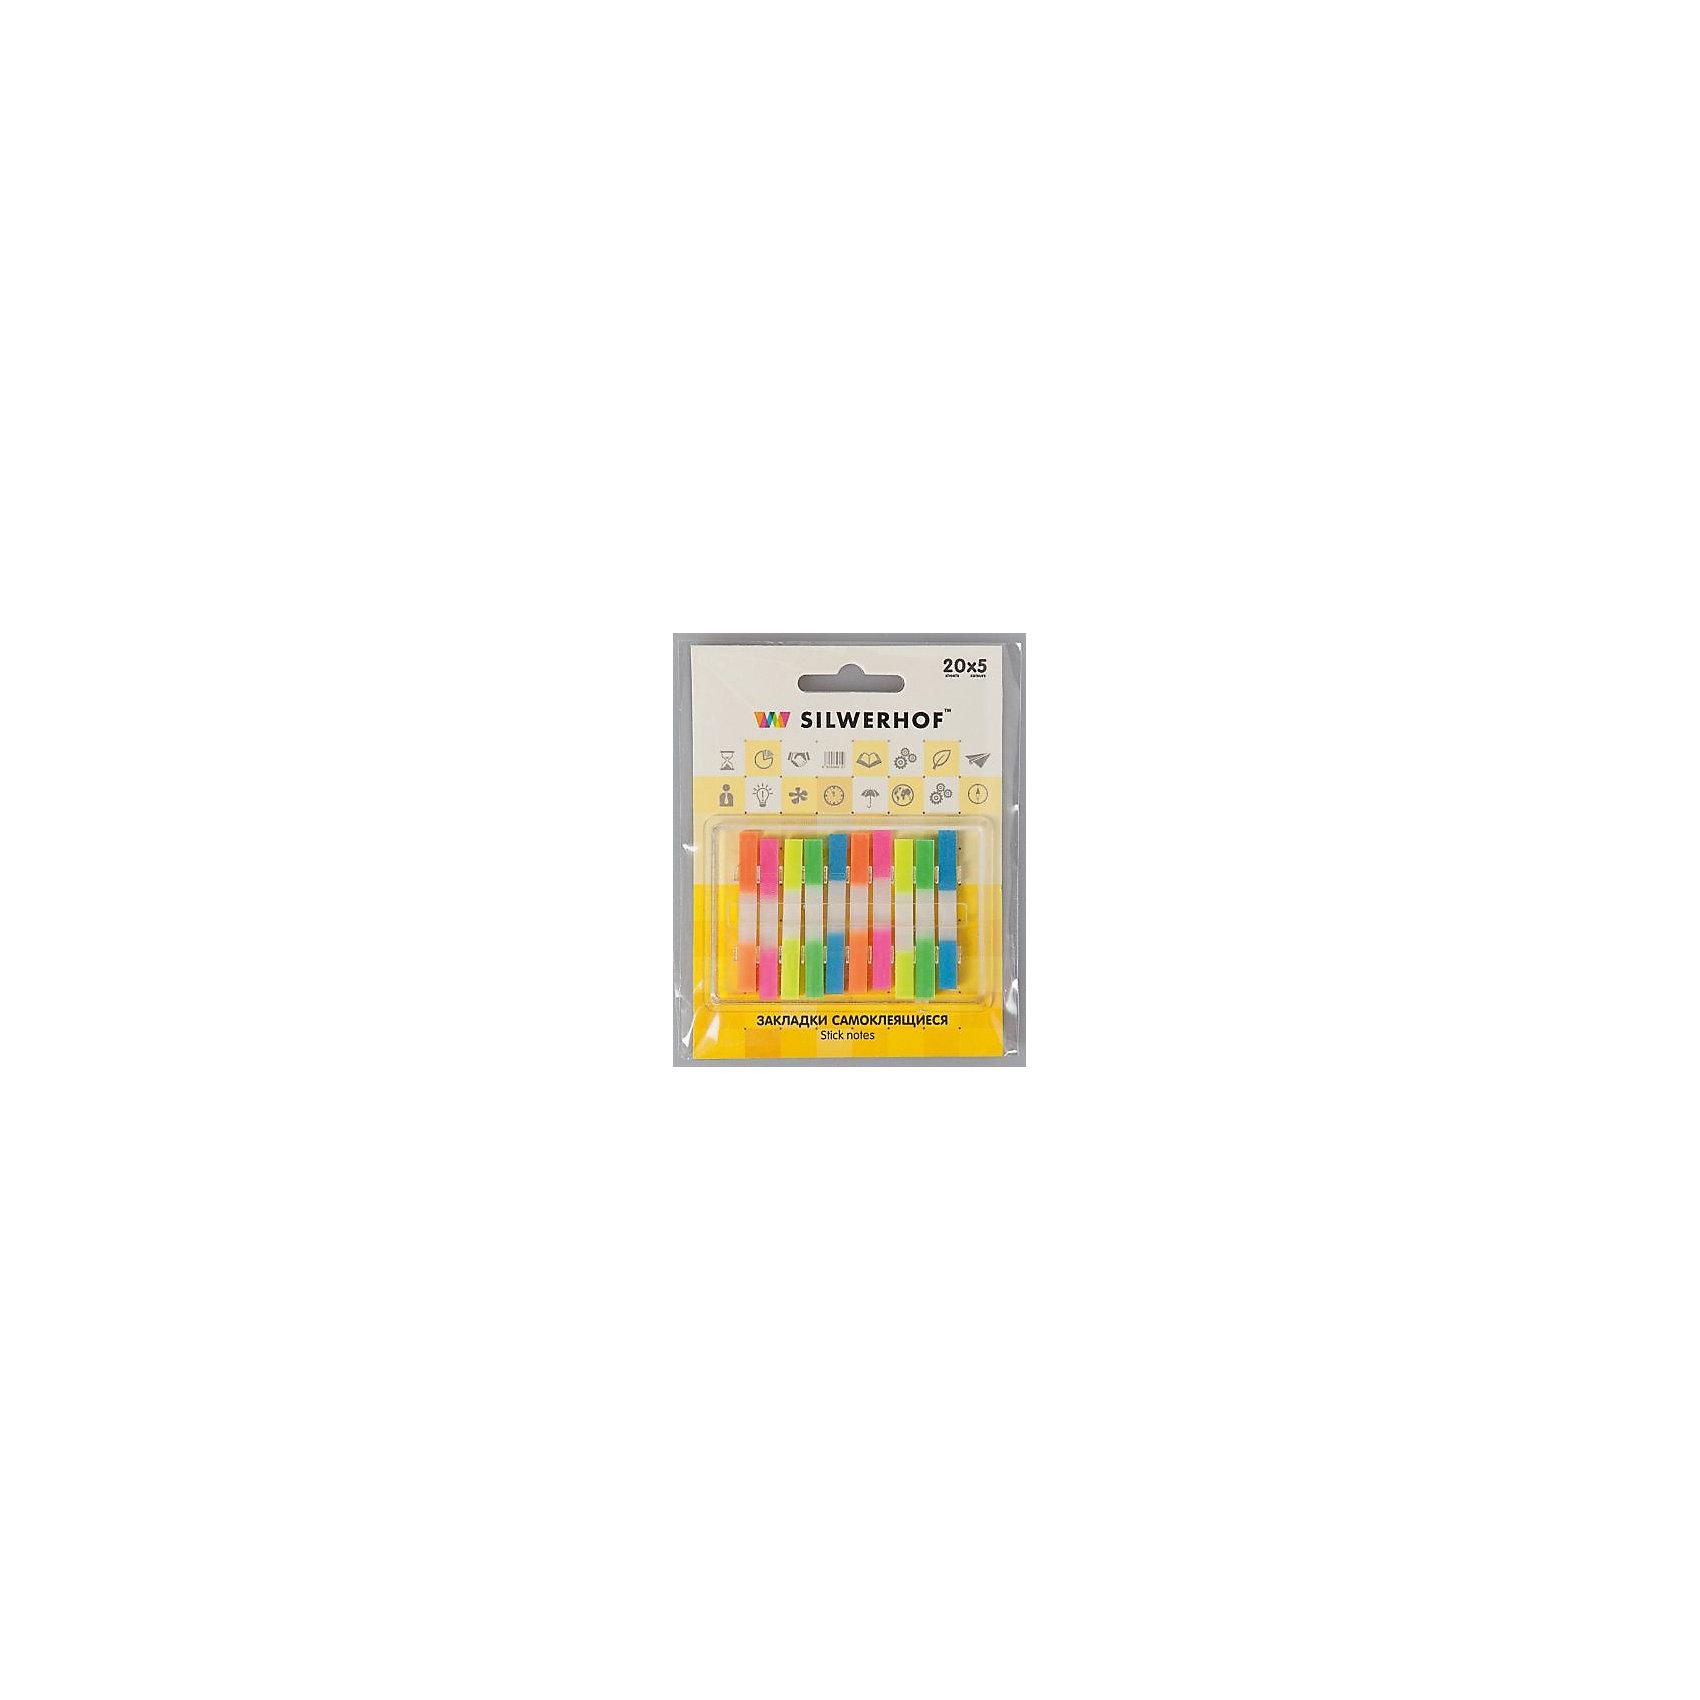 Silwerhof Закладки самоклеящиеся пластиковые MINI неон, 5х2  цветовШкольные аксессуары<br>MINI - Пластиковые закладки для быстрого поиска нужной страницы, на которых можно легко наносить надписи шариковой ручкой. Закладки удаляются, не оставляя следов клея и не повреждая бумагу. Подходят для многоразового использования. 10 склеек по 20 листов. Размер 6х44 мм.<br><br>Ширина мм: 120<br>Глубина мм: 100<br>Высота мм: 4<br>Вес г: 15<br>Возраст от месяцев: 72<br>Возраст до месяцев: 2147483647<br>Пол: Унисекс<br>Возраст: Детский<br>SKU: 6725477